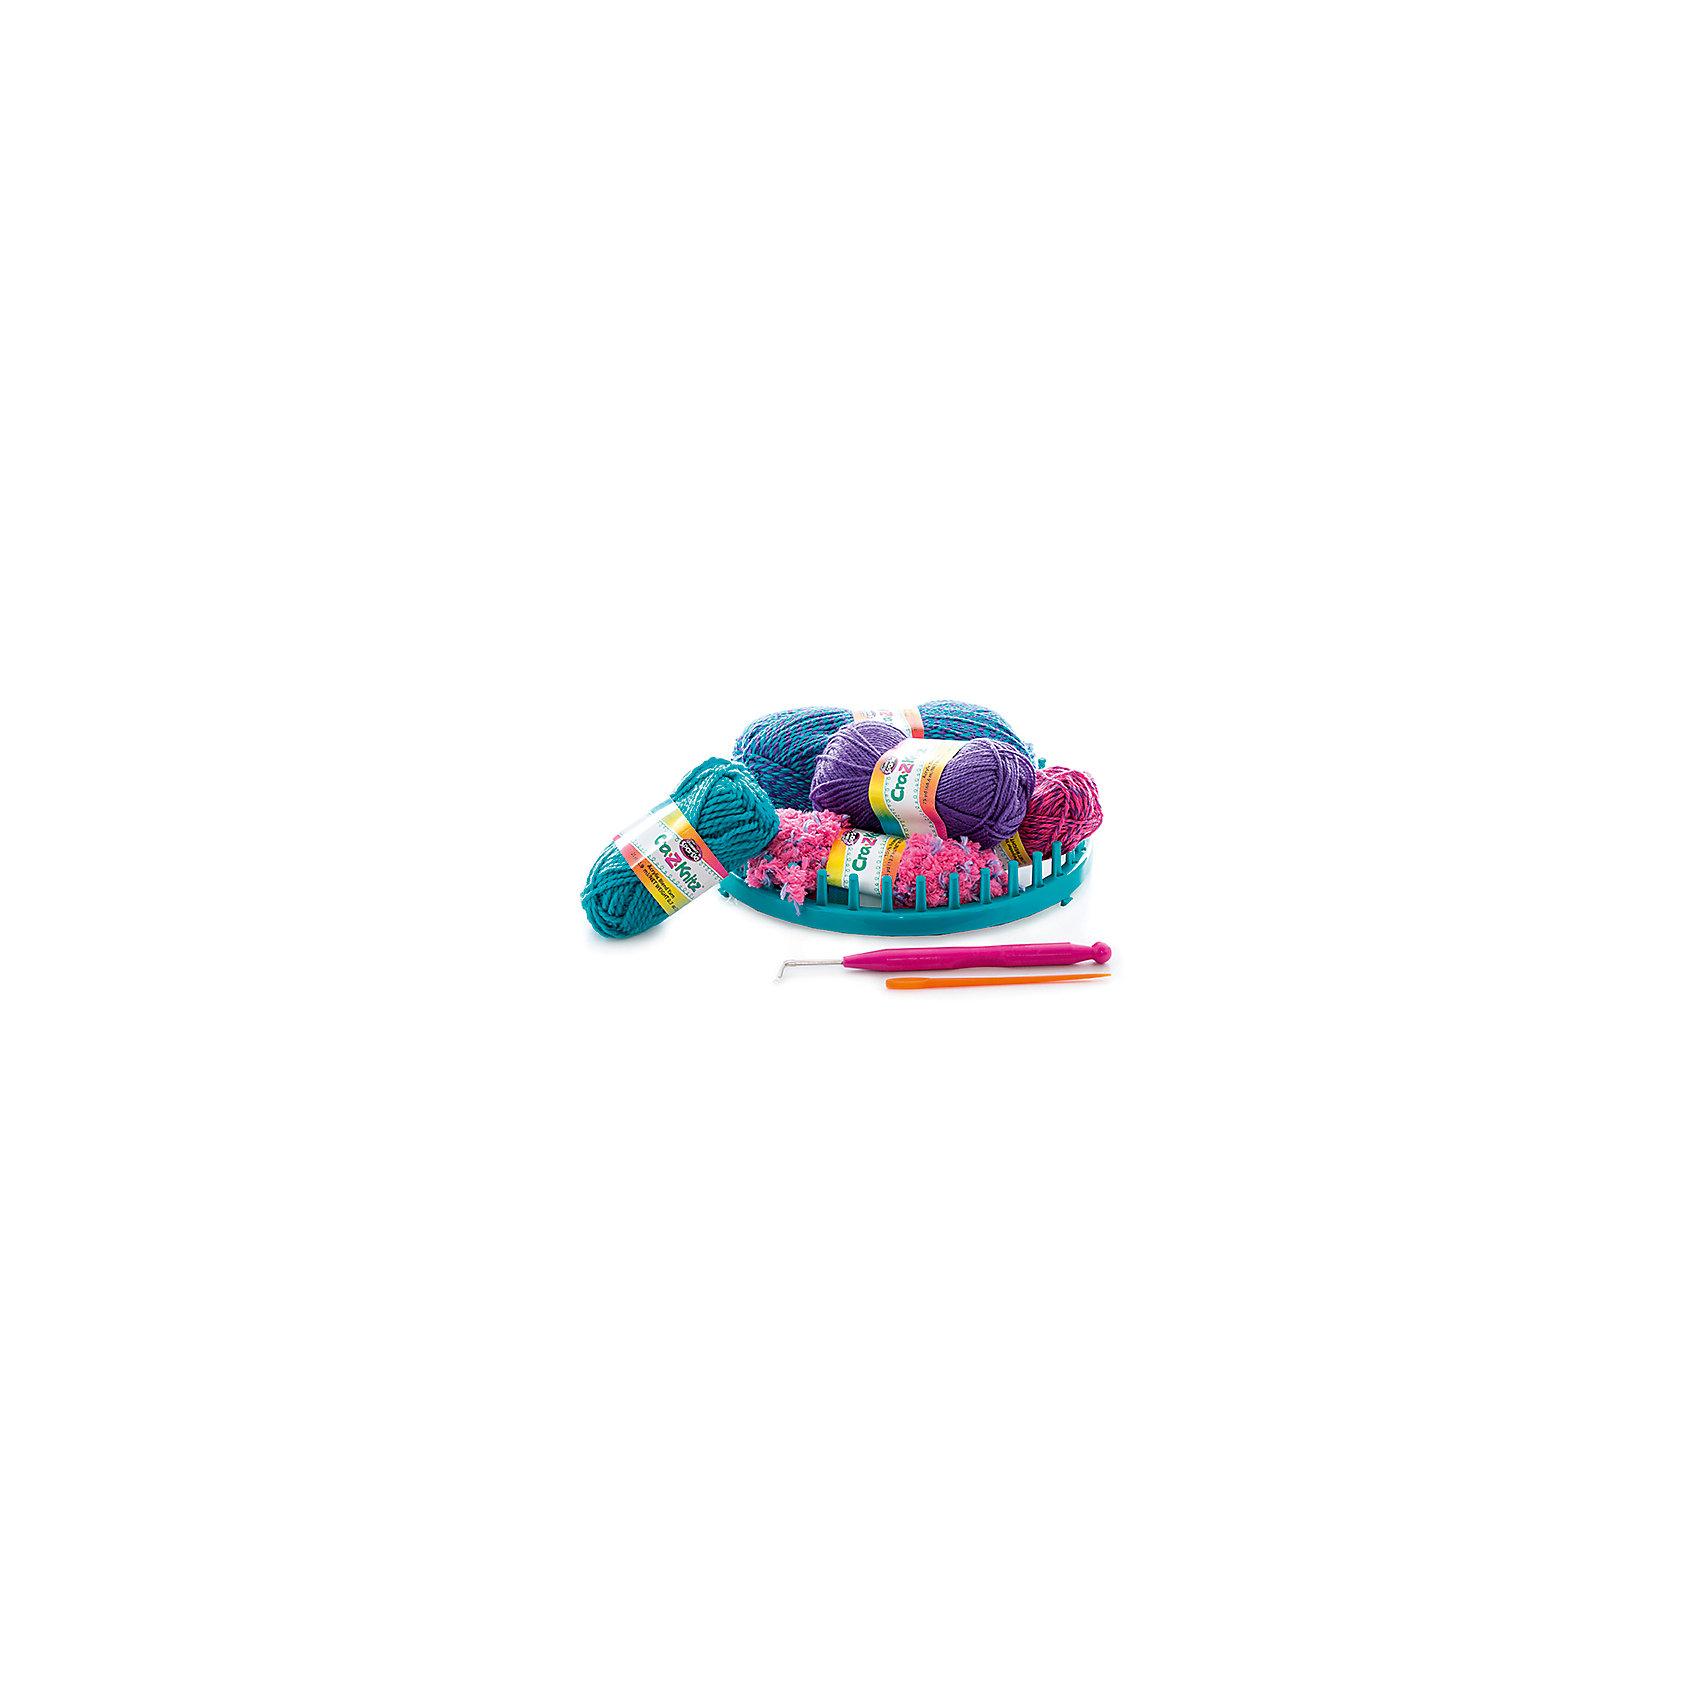 Набор для вязания Cra-Z-Knitz - Модная шапочкаРукоделие<br>Характеристики:<br><br>• Предназначение: для занятий рукоделием<br>• Пол: для девочки<br>• Цвет: в ассортименте<br>• Материал: пластик, пряжа, металл<br>• Комплектация: круглый станок, 4 мотка акриловых ниток разного цвета, крючок, вязальная игра, инструкция<br>• Размеры (Д*Ш*В): 5*28*30,5 см<br>• Вес: 312 г <br>• Упаковка: картонная коробка с блистером<br><br>Cra-z-knitz Набор для вязания. Шапка – это набор от торгового бренда Cra-Z-Art, который всемирно знаменит своими канцелярскими товарами и оригинальными наборами для творчества. Cra-Z-Art предлагает совершенно новый взгляд на один из самых трудоемких видов рукоделия – вязание. Теперь научиться вязать может каждый и в этом ему поможет вязальная станция. Вязальная станция представляет собой специализированные приспособления – лумы, на которых вывязывается полотно с помощью крючка. Набор включает в себя круглый лум для вязки различных изделий. В комплекте предусмотрен набор их четырех мотков акриловых ниток разного цвета. Все материалы, из которых изготовлены детали и элементы набора отвечают международным стандартам безопасности. Для более легкого освоения технологии вязания с помощью лумов предусмотрена подробная инструкция со схемами.<br>Занятия рукоделием способствуют развитию мелкой моторики, учат внимательности, сосредоточенности и усидчивости, также вязание формирует чувство стиля и вкуса. <br><br>Cra-z-knitz Набор для вязания. Шапка можно купить в нашем интернет-магазине.<br><br>Ширина мм: 50<br>Глубина мм: 280<br>Высота мм: 305<br>Вес г: 312<br>Возраст от месяцев: 72<br>Возраст до месяцев: 168<br>Пол: Женский<br>Возраст: Детский<br>SKU: 5103464